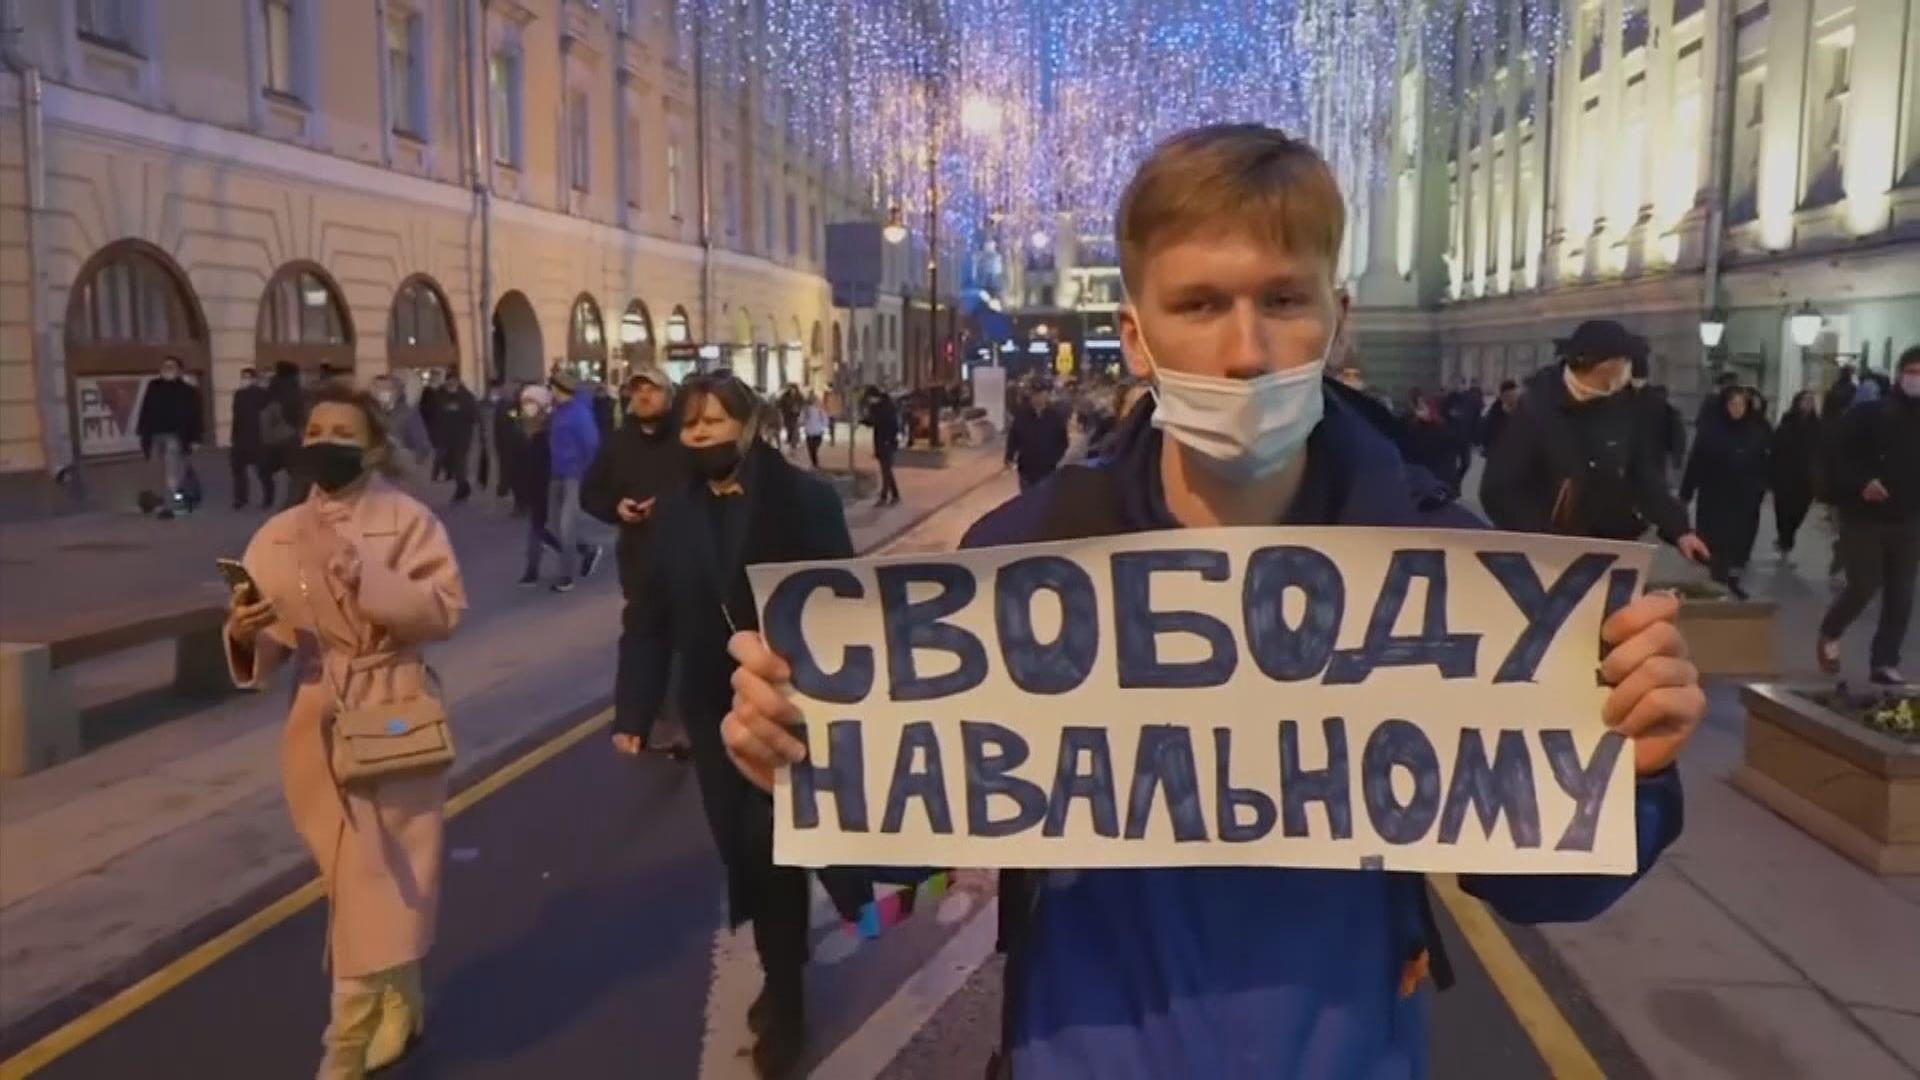 俄羅斯多地示威聲援反對派領袖納瓦爾尼 近千五人被拘留